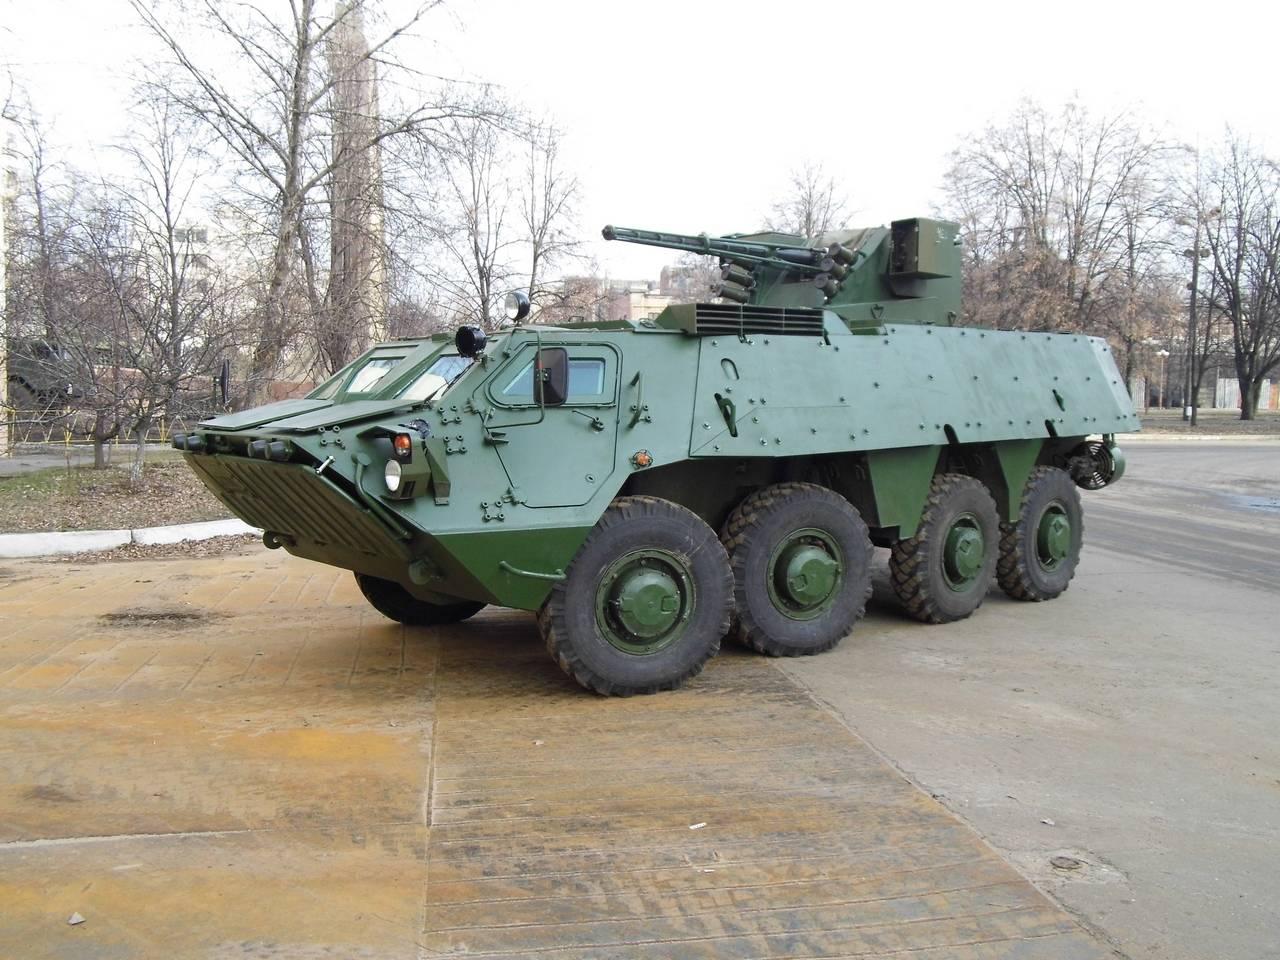 Опытный образец варианта колесного бронетранспортера БТР-4Е1 с дополнительной защитой.